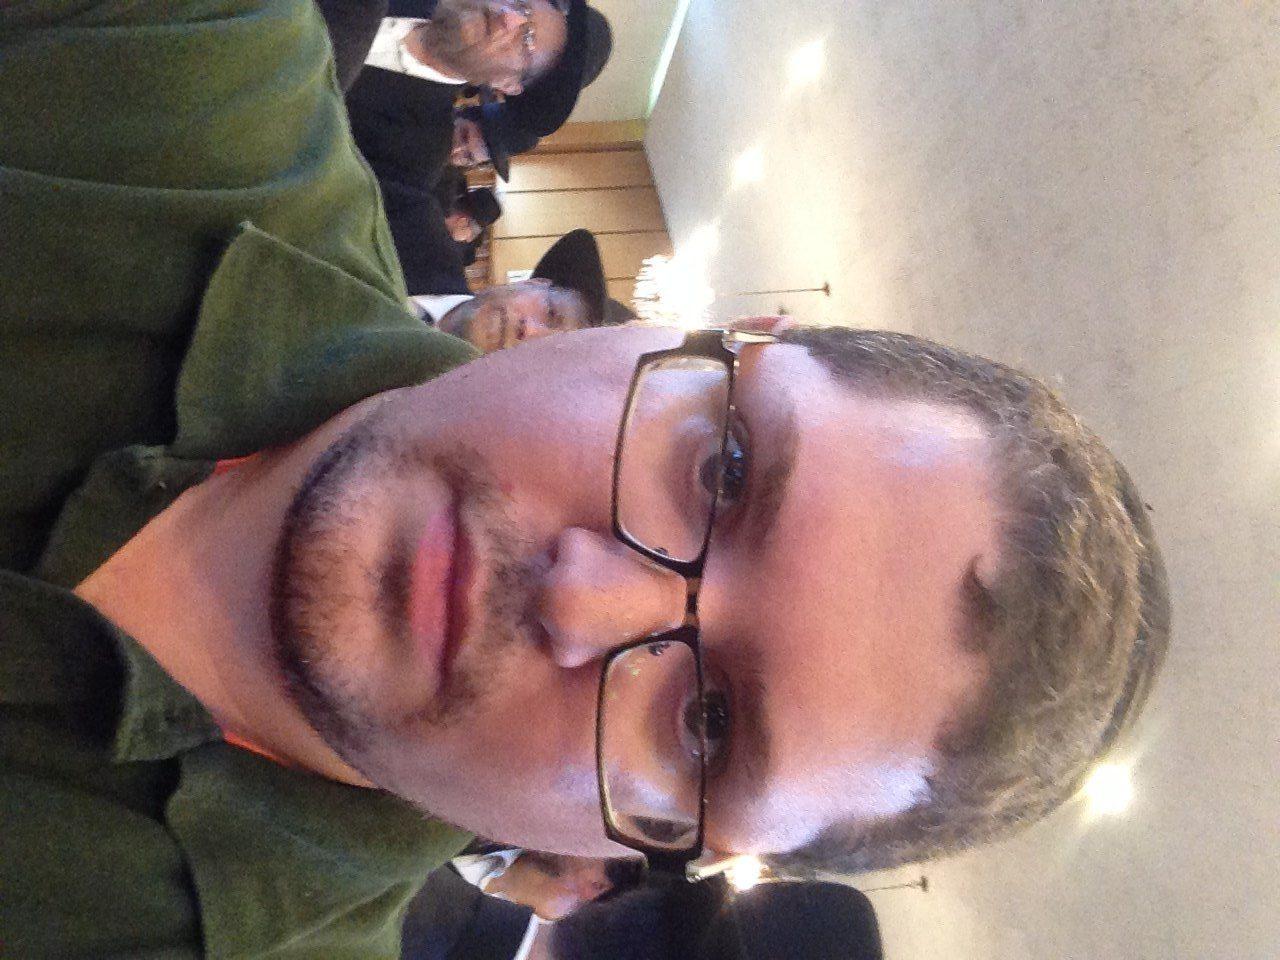 Selfie shot with three-weeks facial hair.